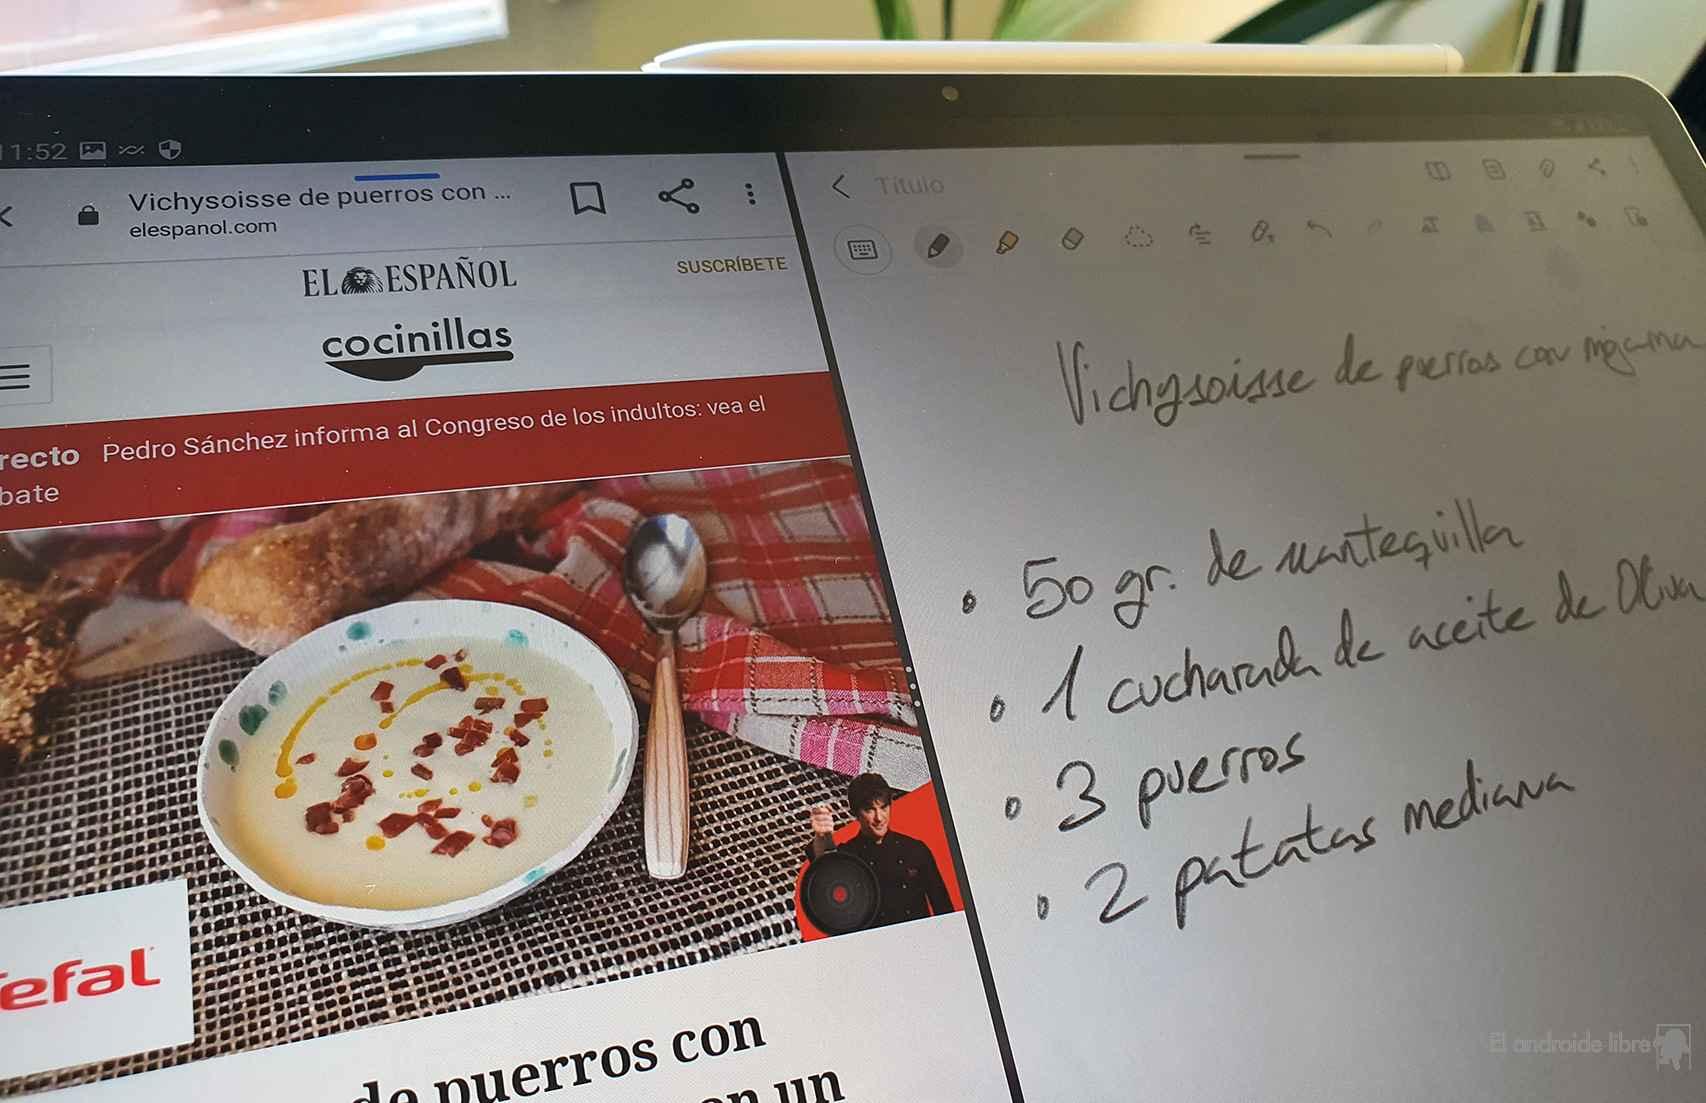 Pantalla dividida para apuntar receta en una nota